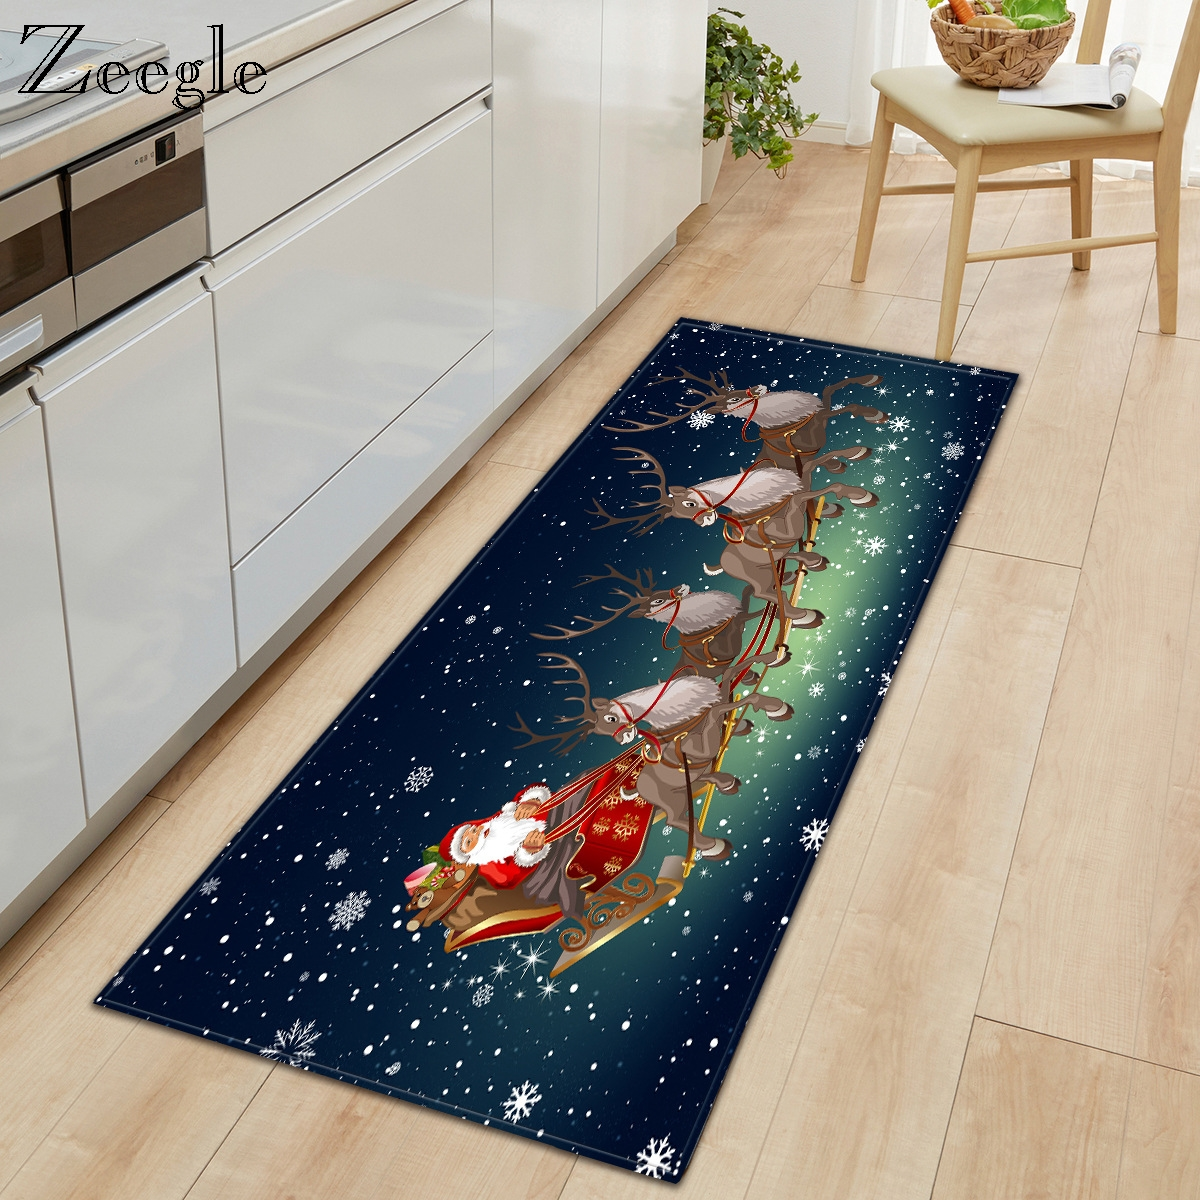 Zeegle Carpet Kitchen Rug Anti-slip Bathroom Doormat Shower Mat Hallway Rug Living Room Carpet Christmas Indoor Carpet Floor Rug